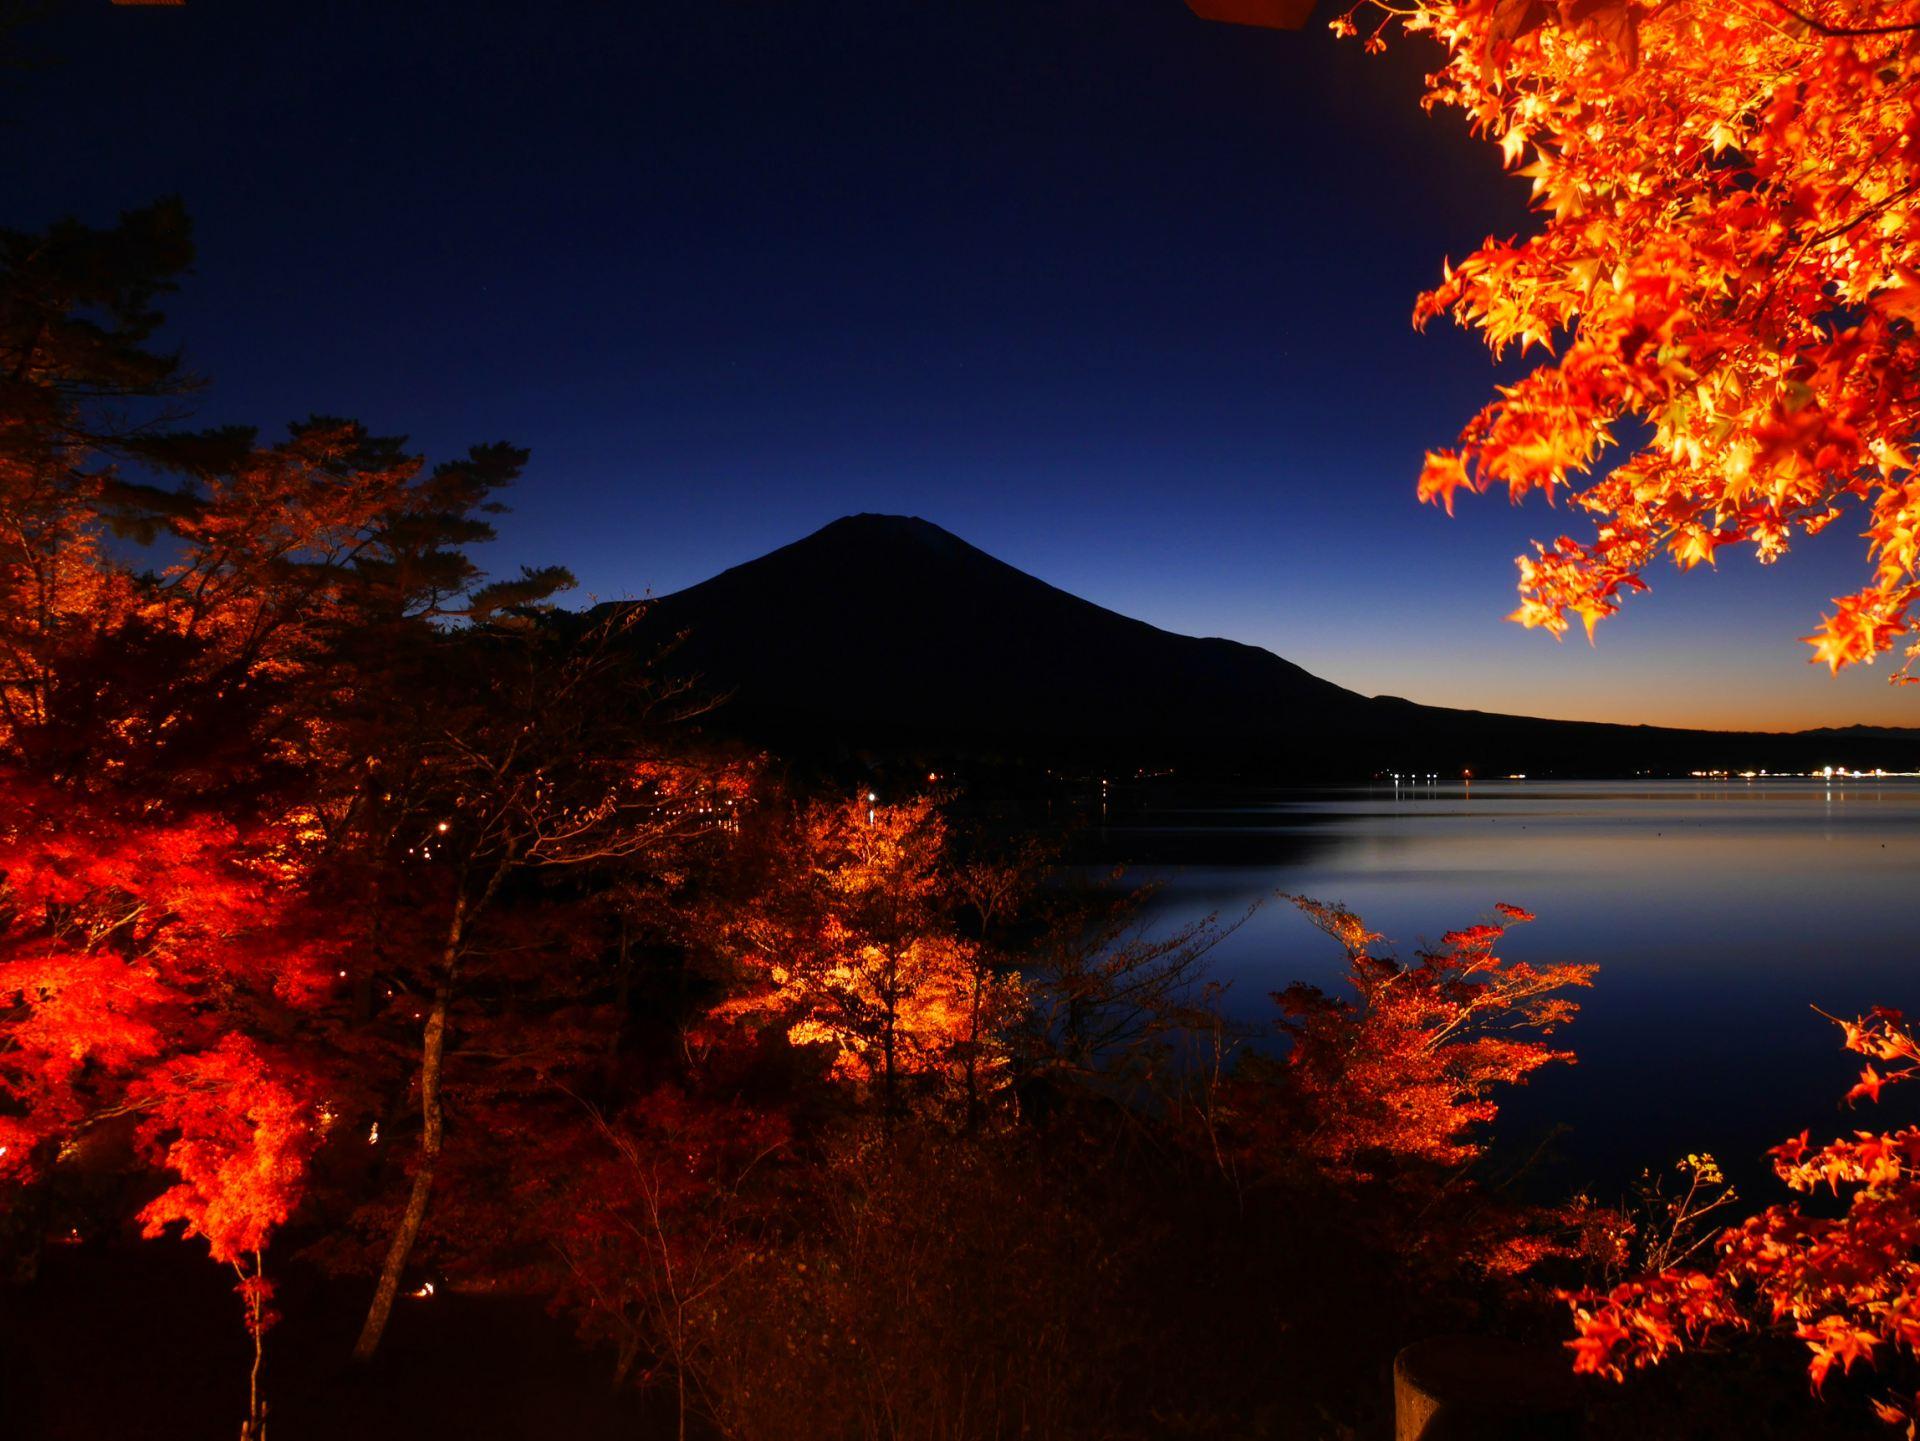 從展望台拍到的夜色下的富士山與紅葉絕景